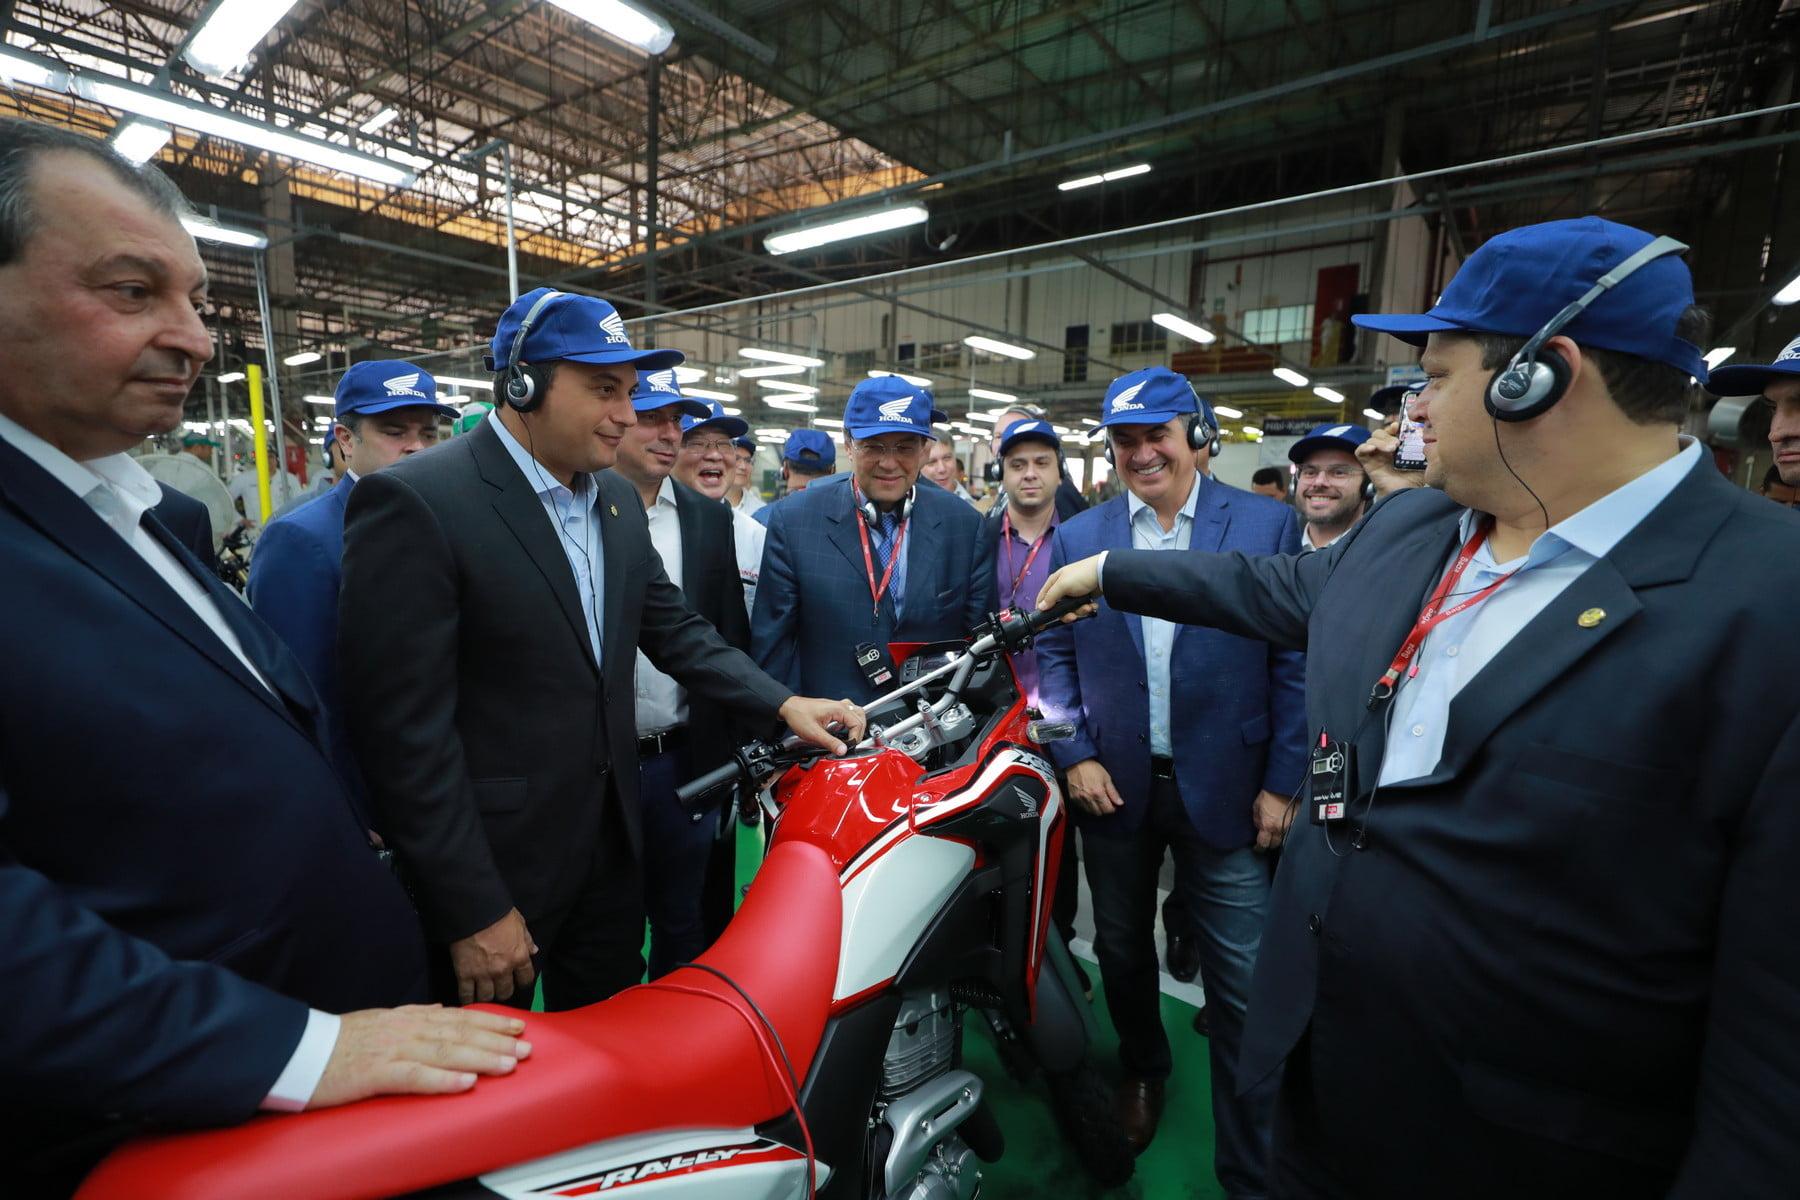 Na Moto Honda, Wilson Lima diz que reforma tributária não pode beneficiar regiões mais ricas em detrimento da ZFM